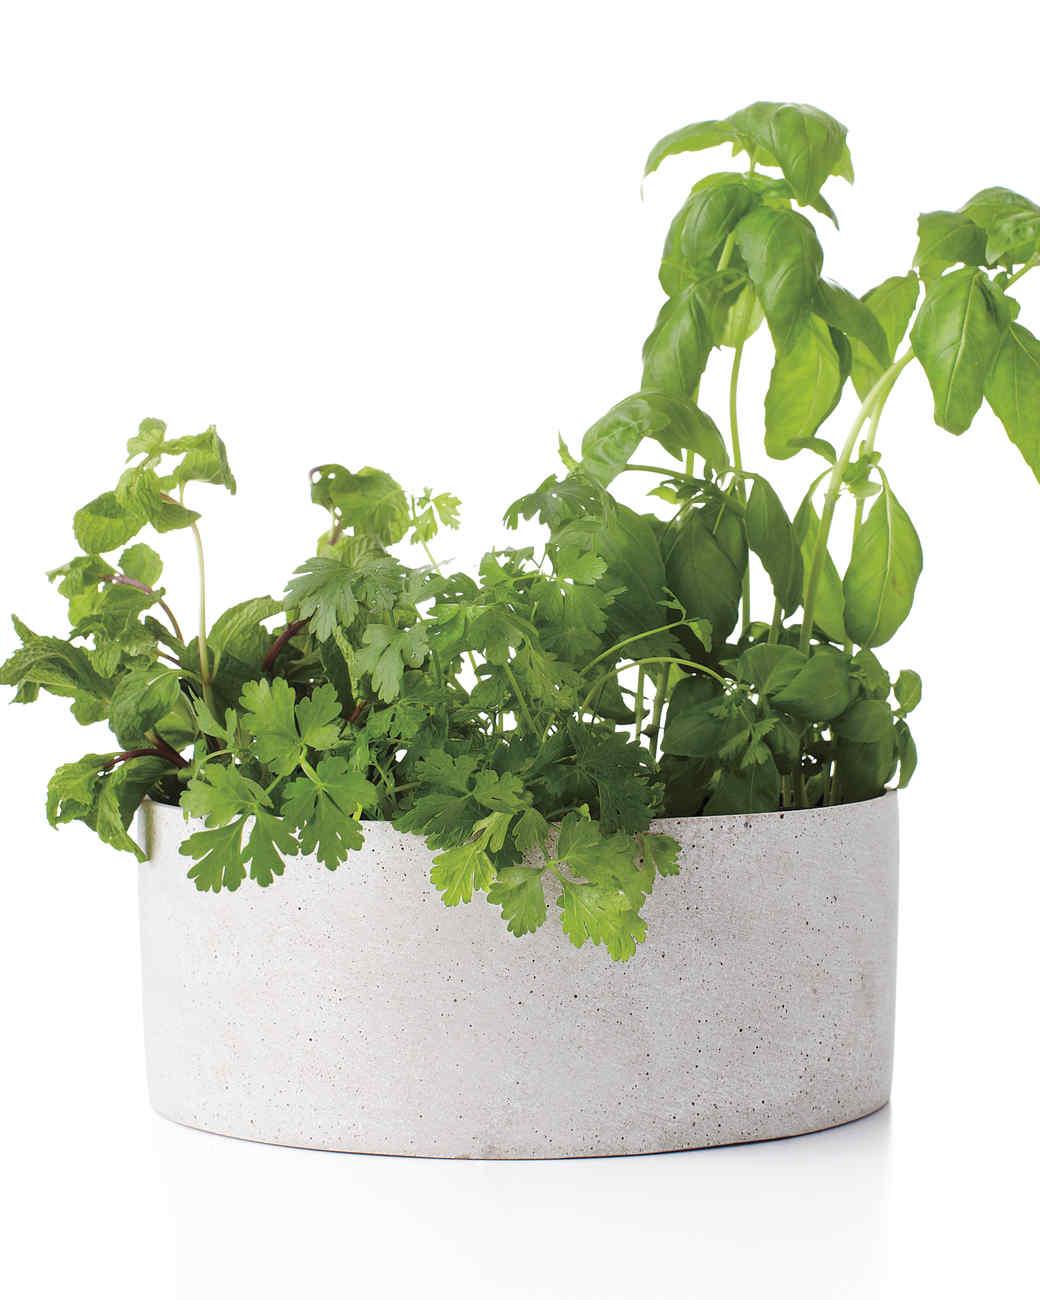 herbs-med108679.jpg